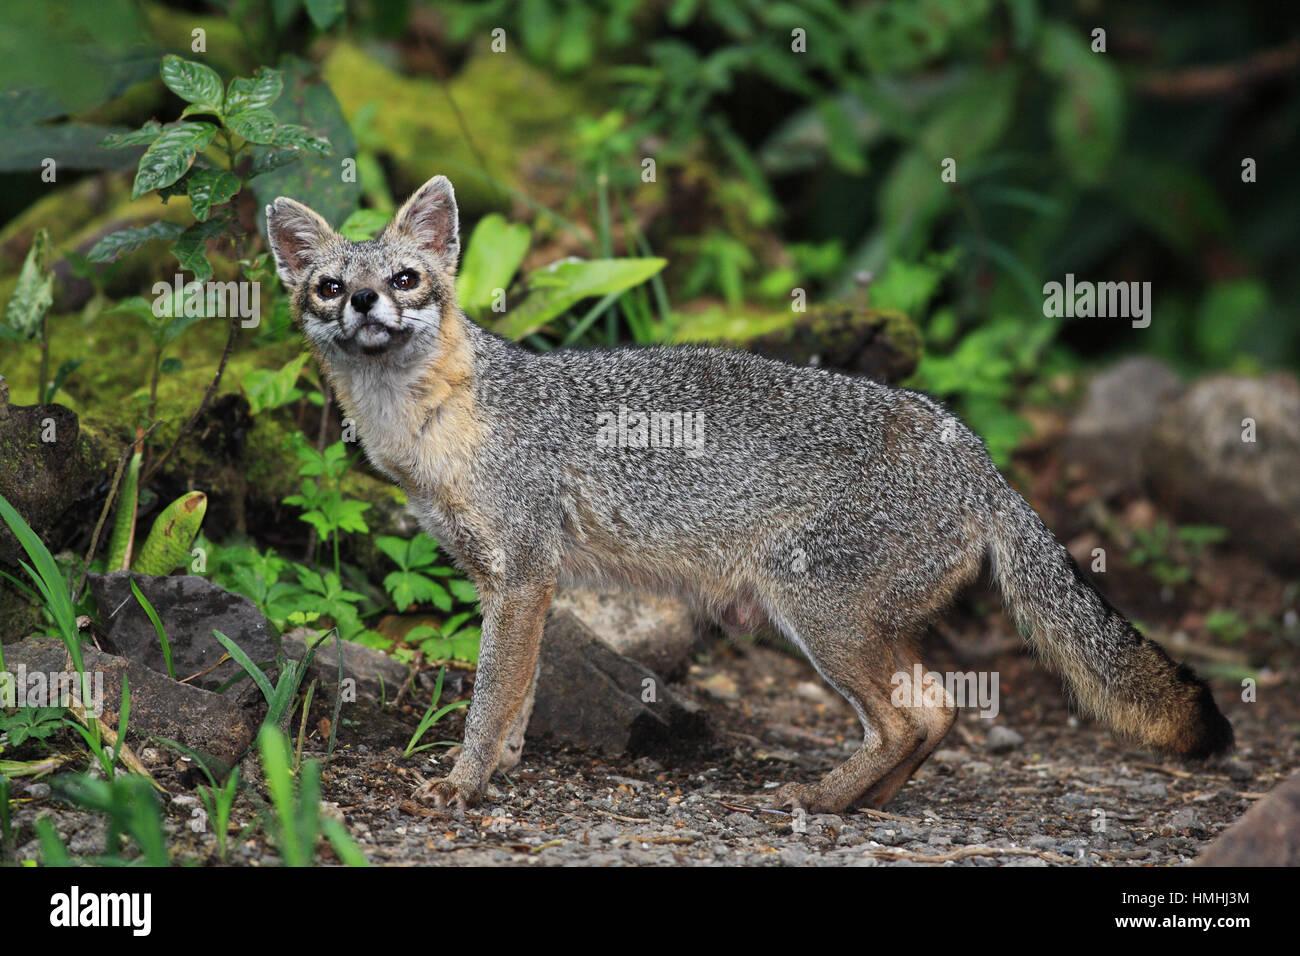 Le renard gris (Urocyon cinereoargenteus) dans la Forêt Nuageuse de Monteverde, Costa Rica préserver. Photo Stock